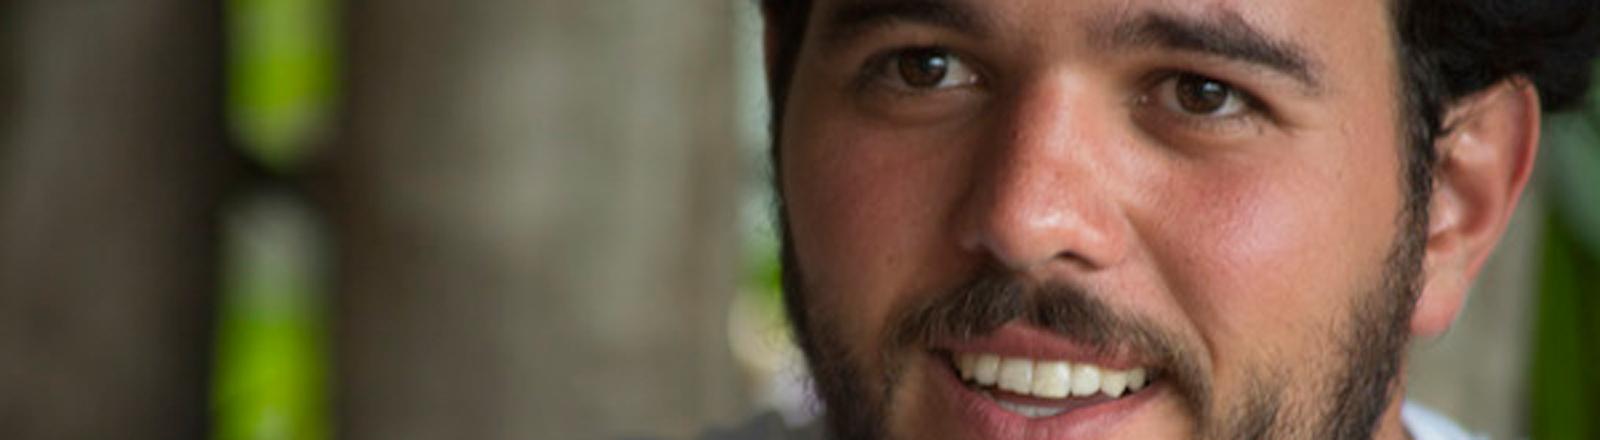 JP Amaral im Portrait. Er ist Fahrradaktivist aus Brasilien.